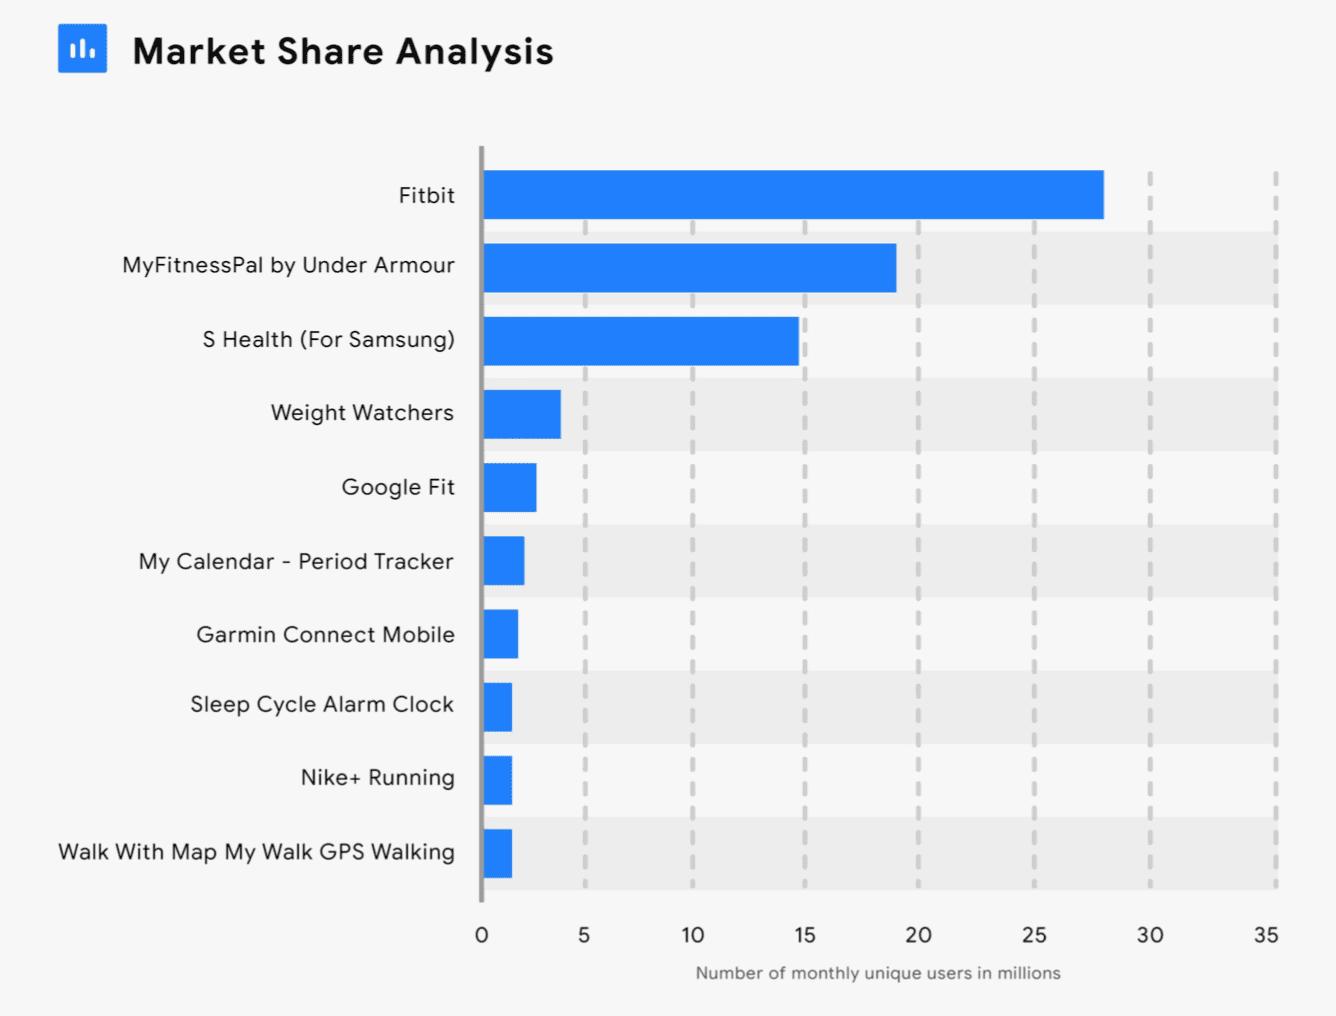 Market Share Analysis